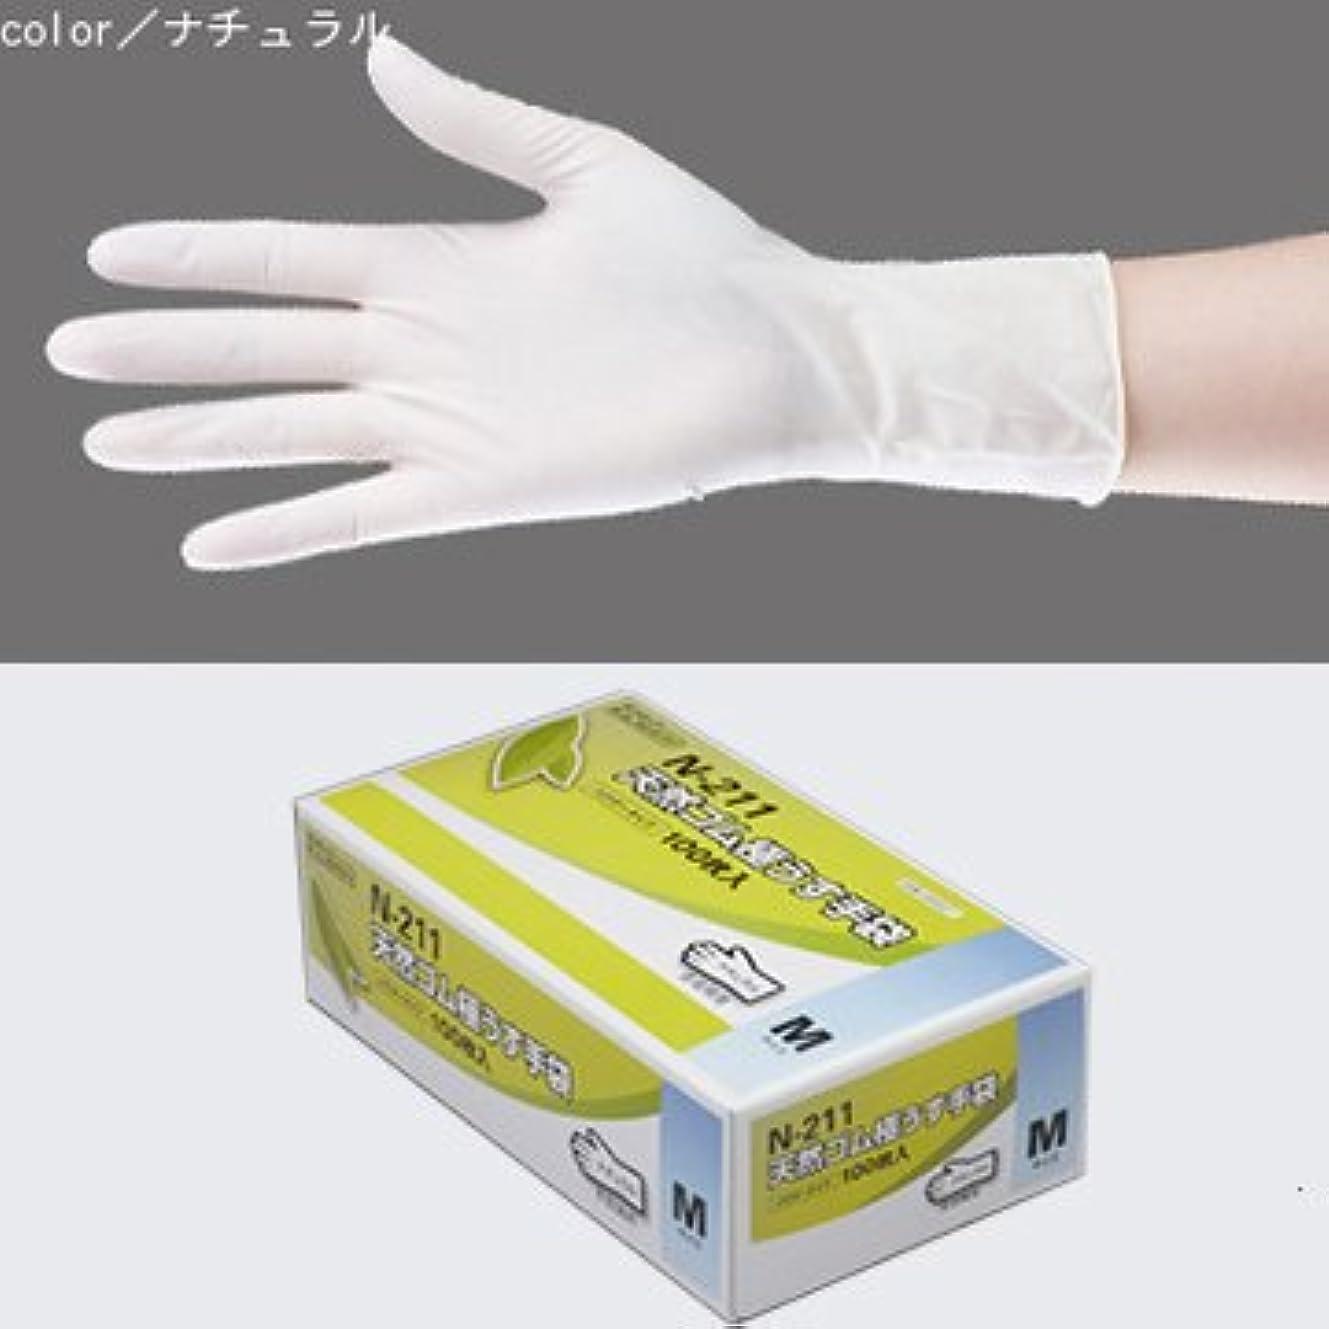 哀れなスケッチ特徴天然ゴム極うす手袋 100枚入 N-211 (M, ナチュラル)